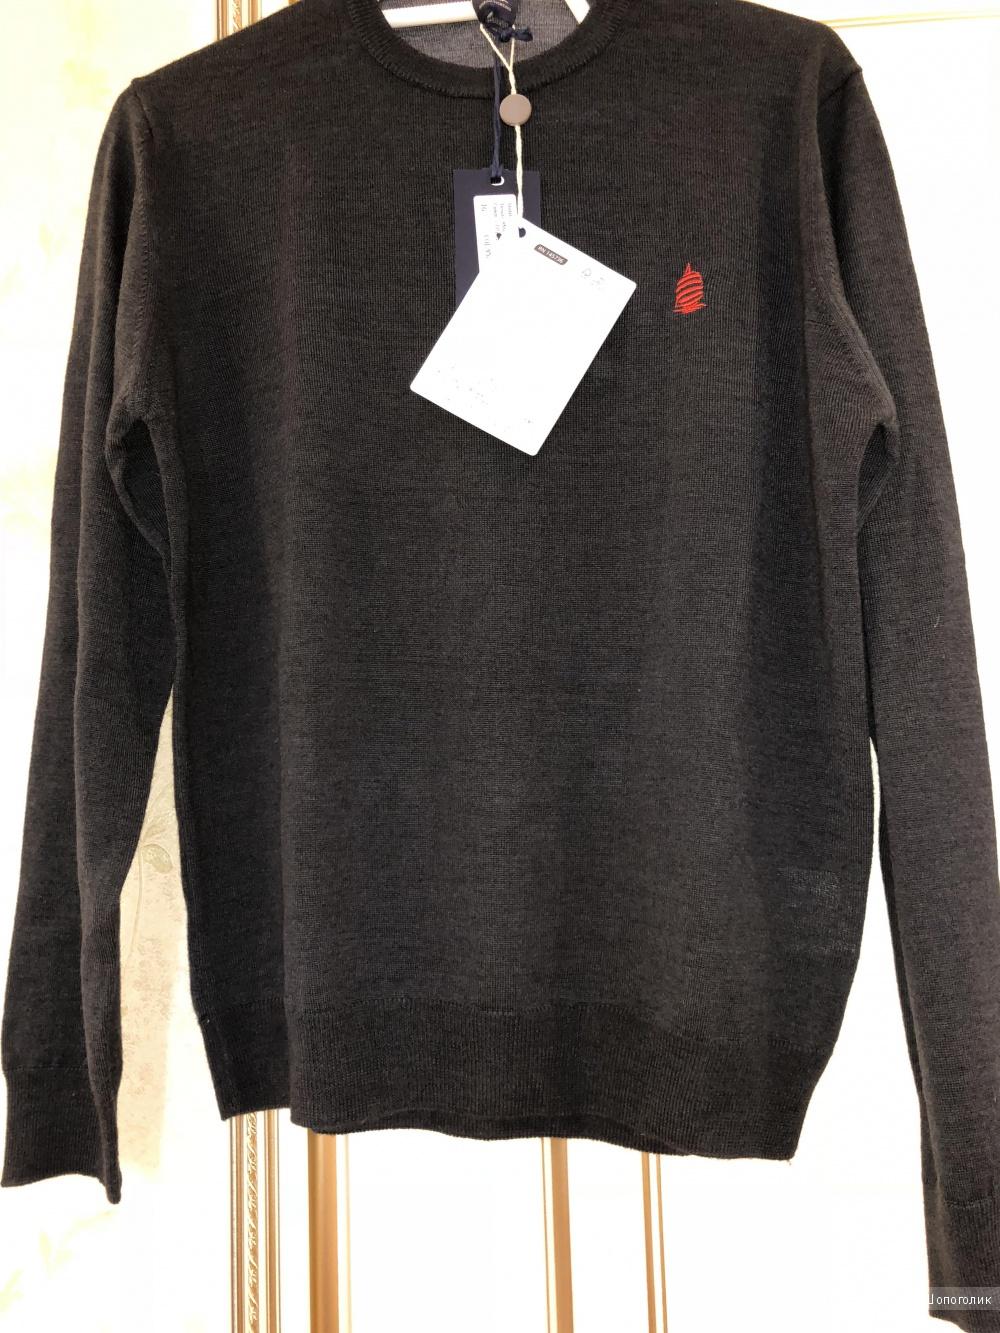 Мужской свитер  MARINA YACHTING, р. L, чуть маломерит